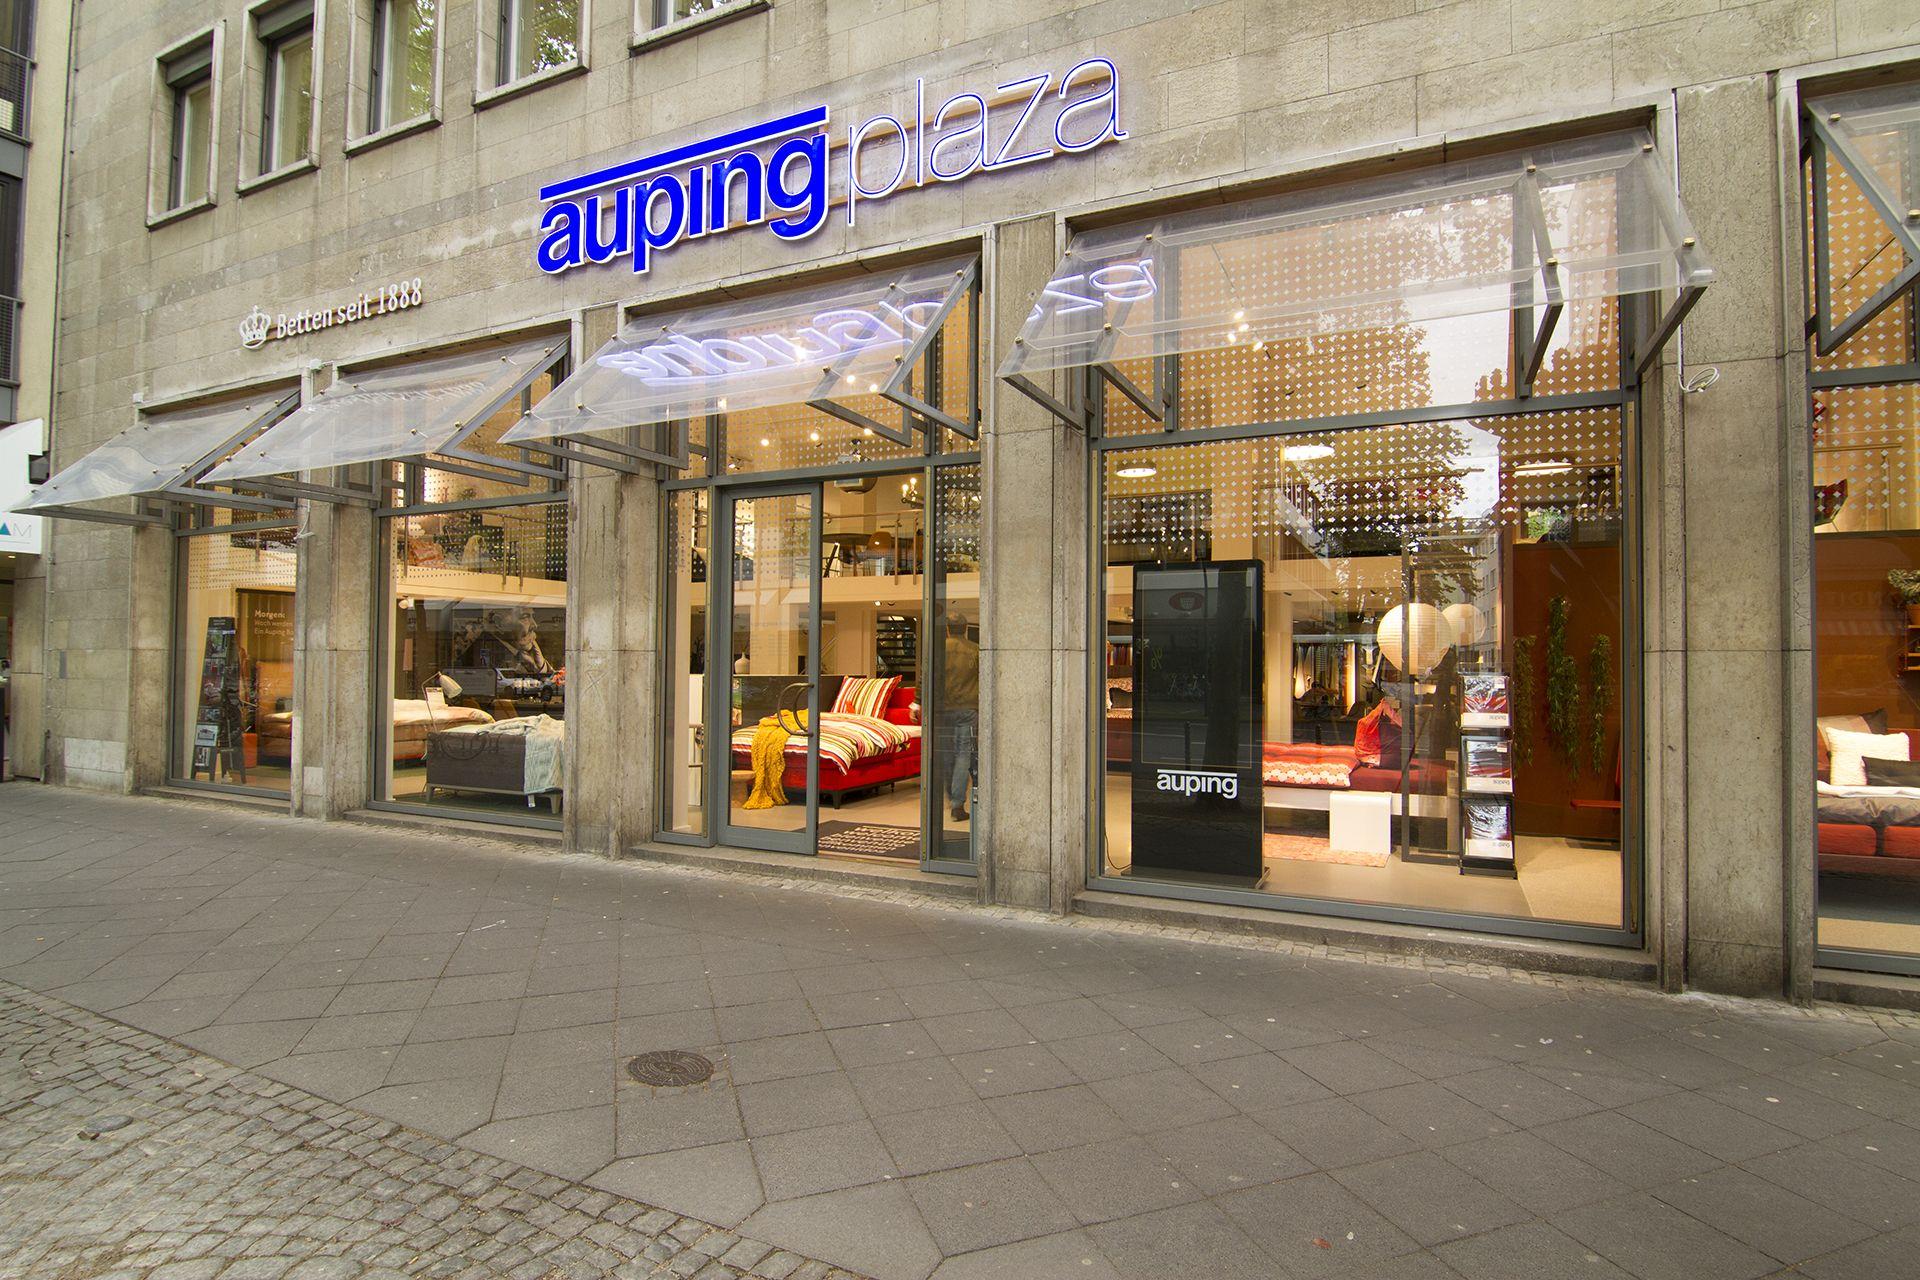 Mitten in Köln - der Auping Plaza Köln